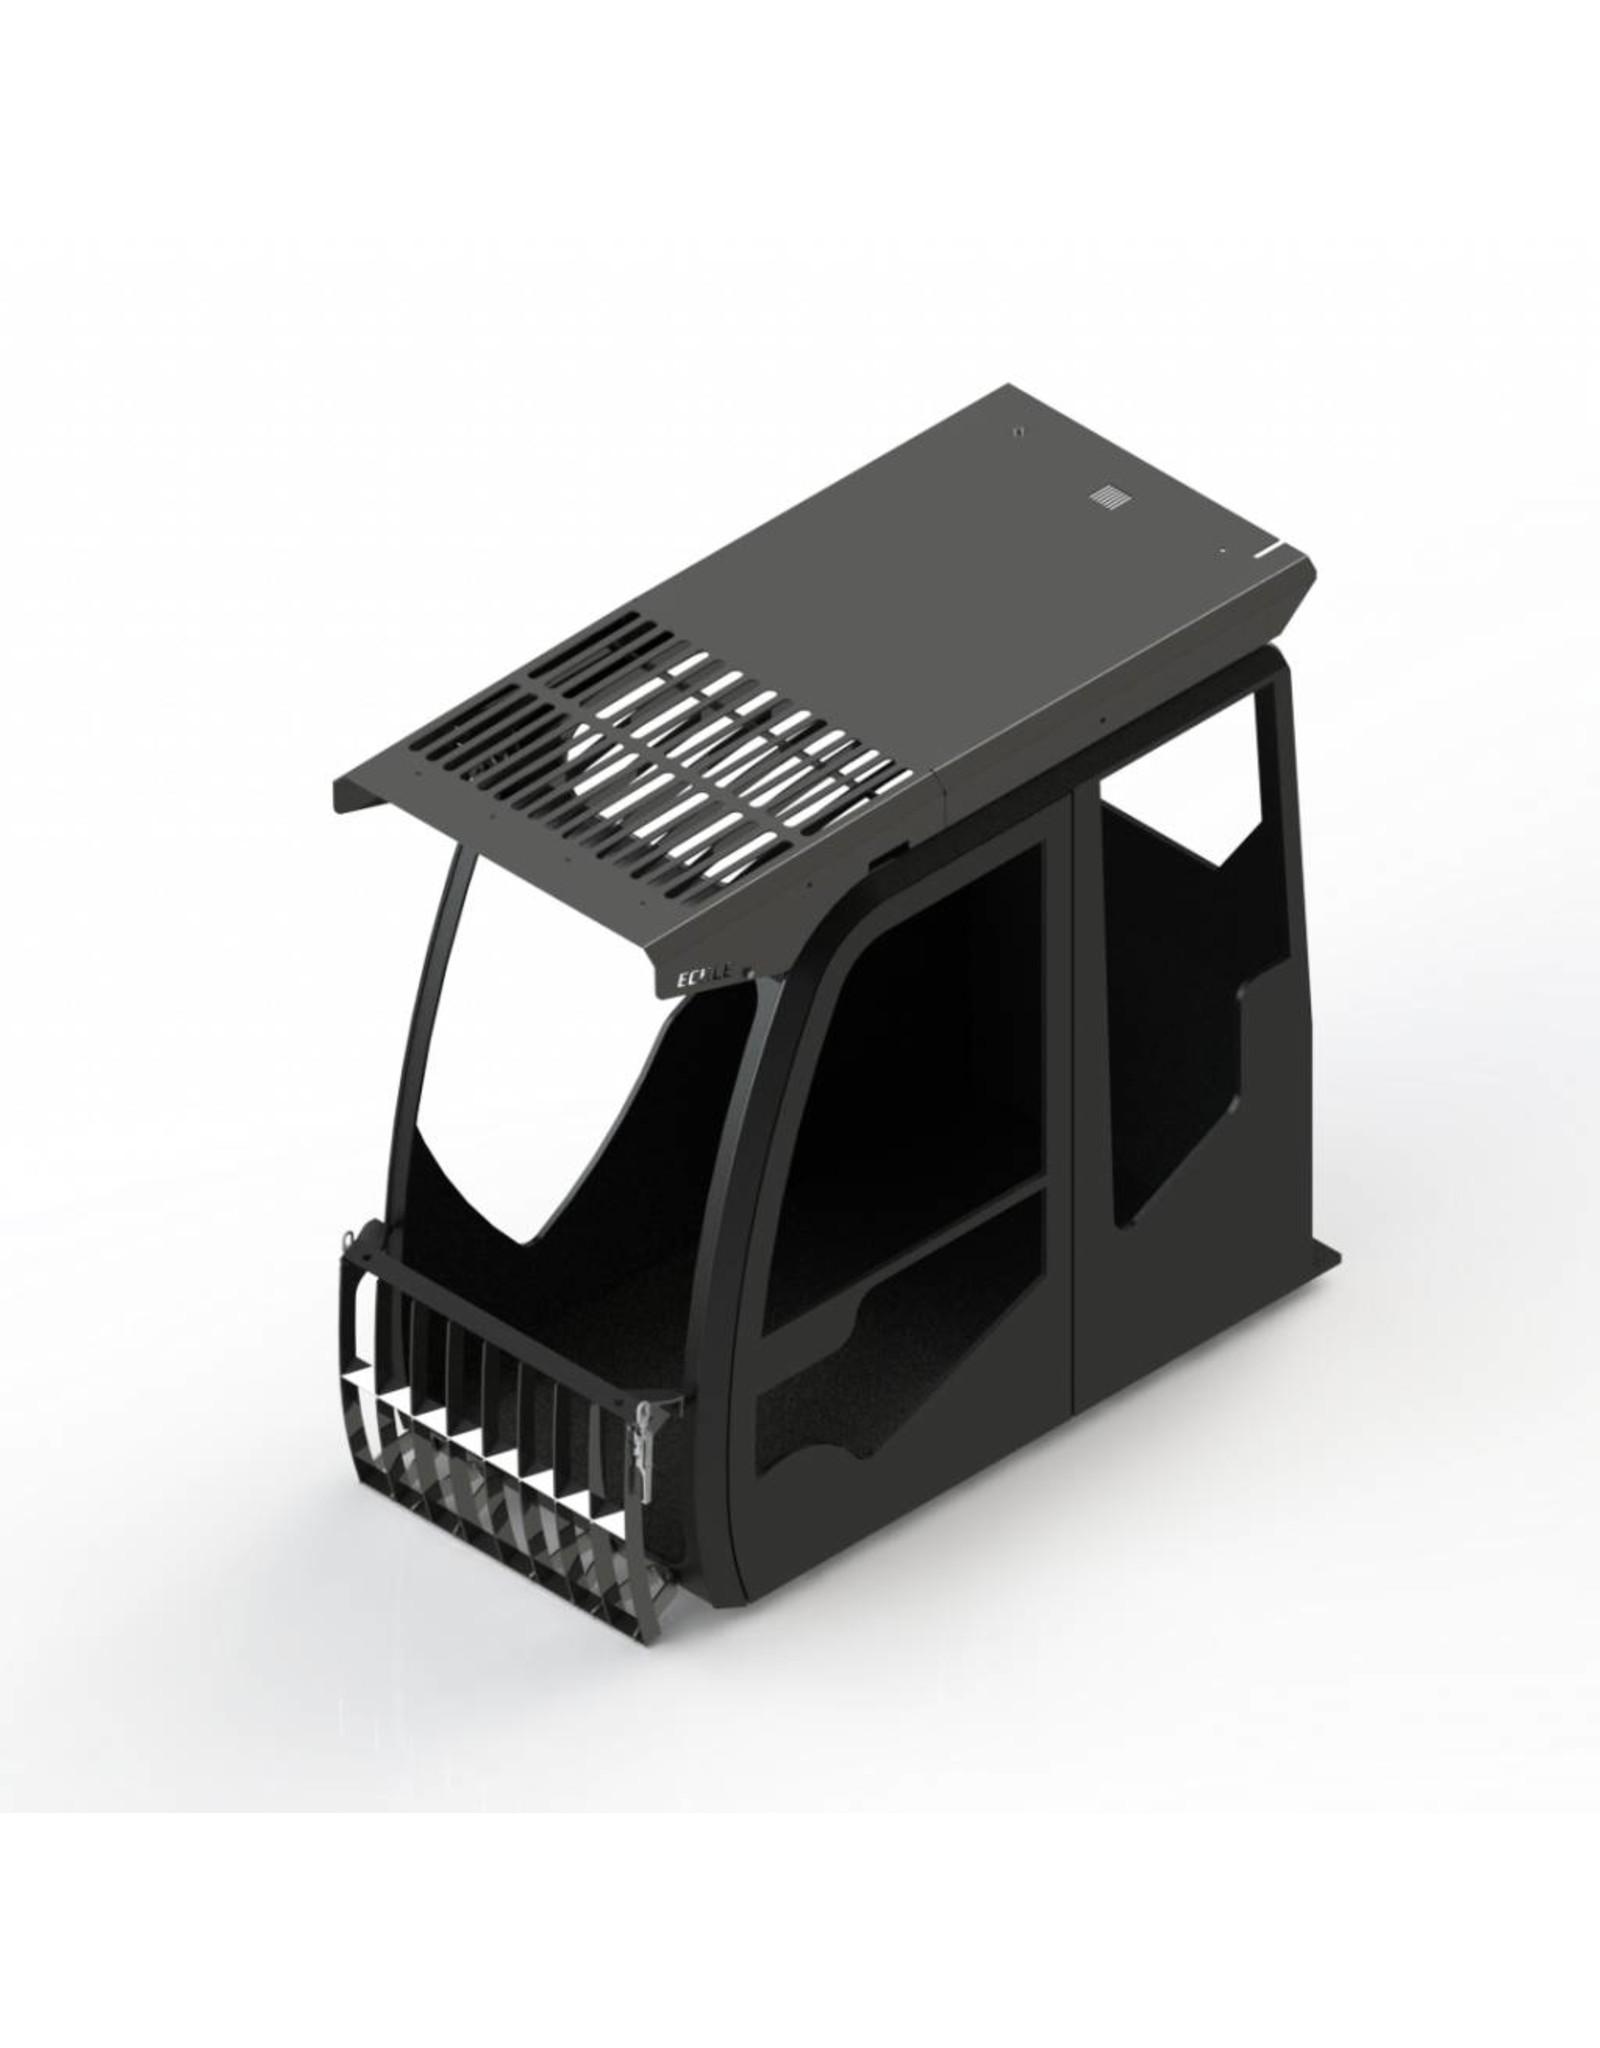 Echle Hartstahl GmbH FOPS für Liebherr R 918